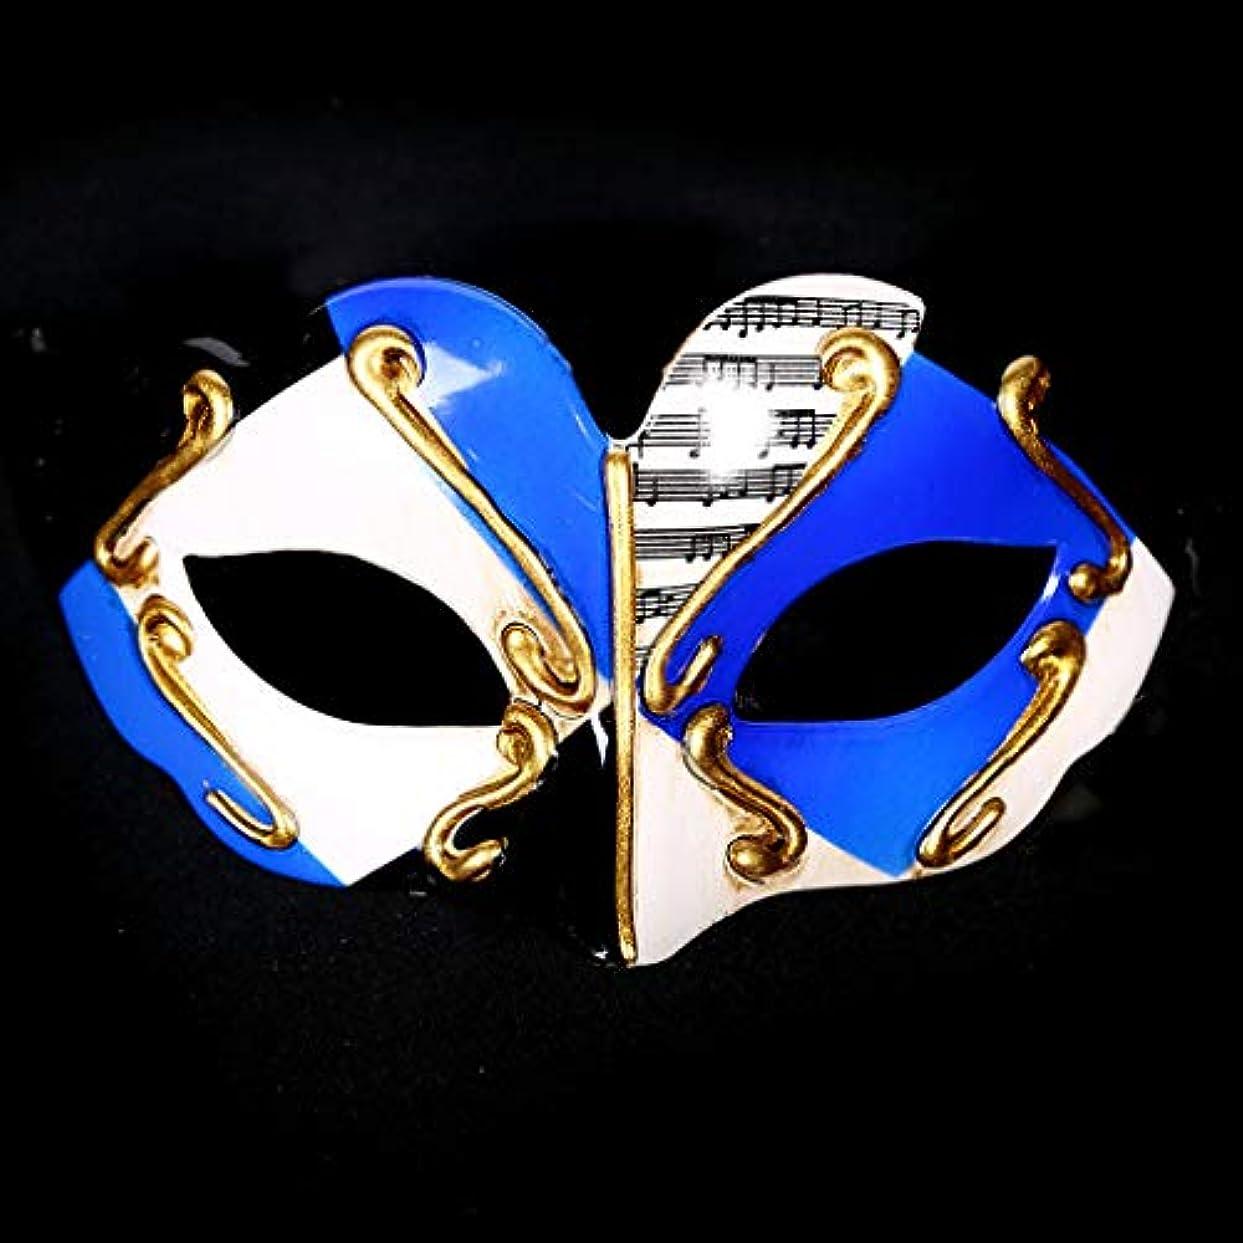 プラグ忠実なリンケージハロウィンマスクヴェネツィア仮装ハーフフェイスプラスチック子供アダルトマスクコスチュームプロップ (Color : BLUE)